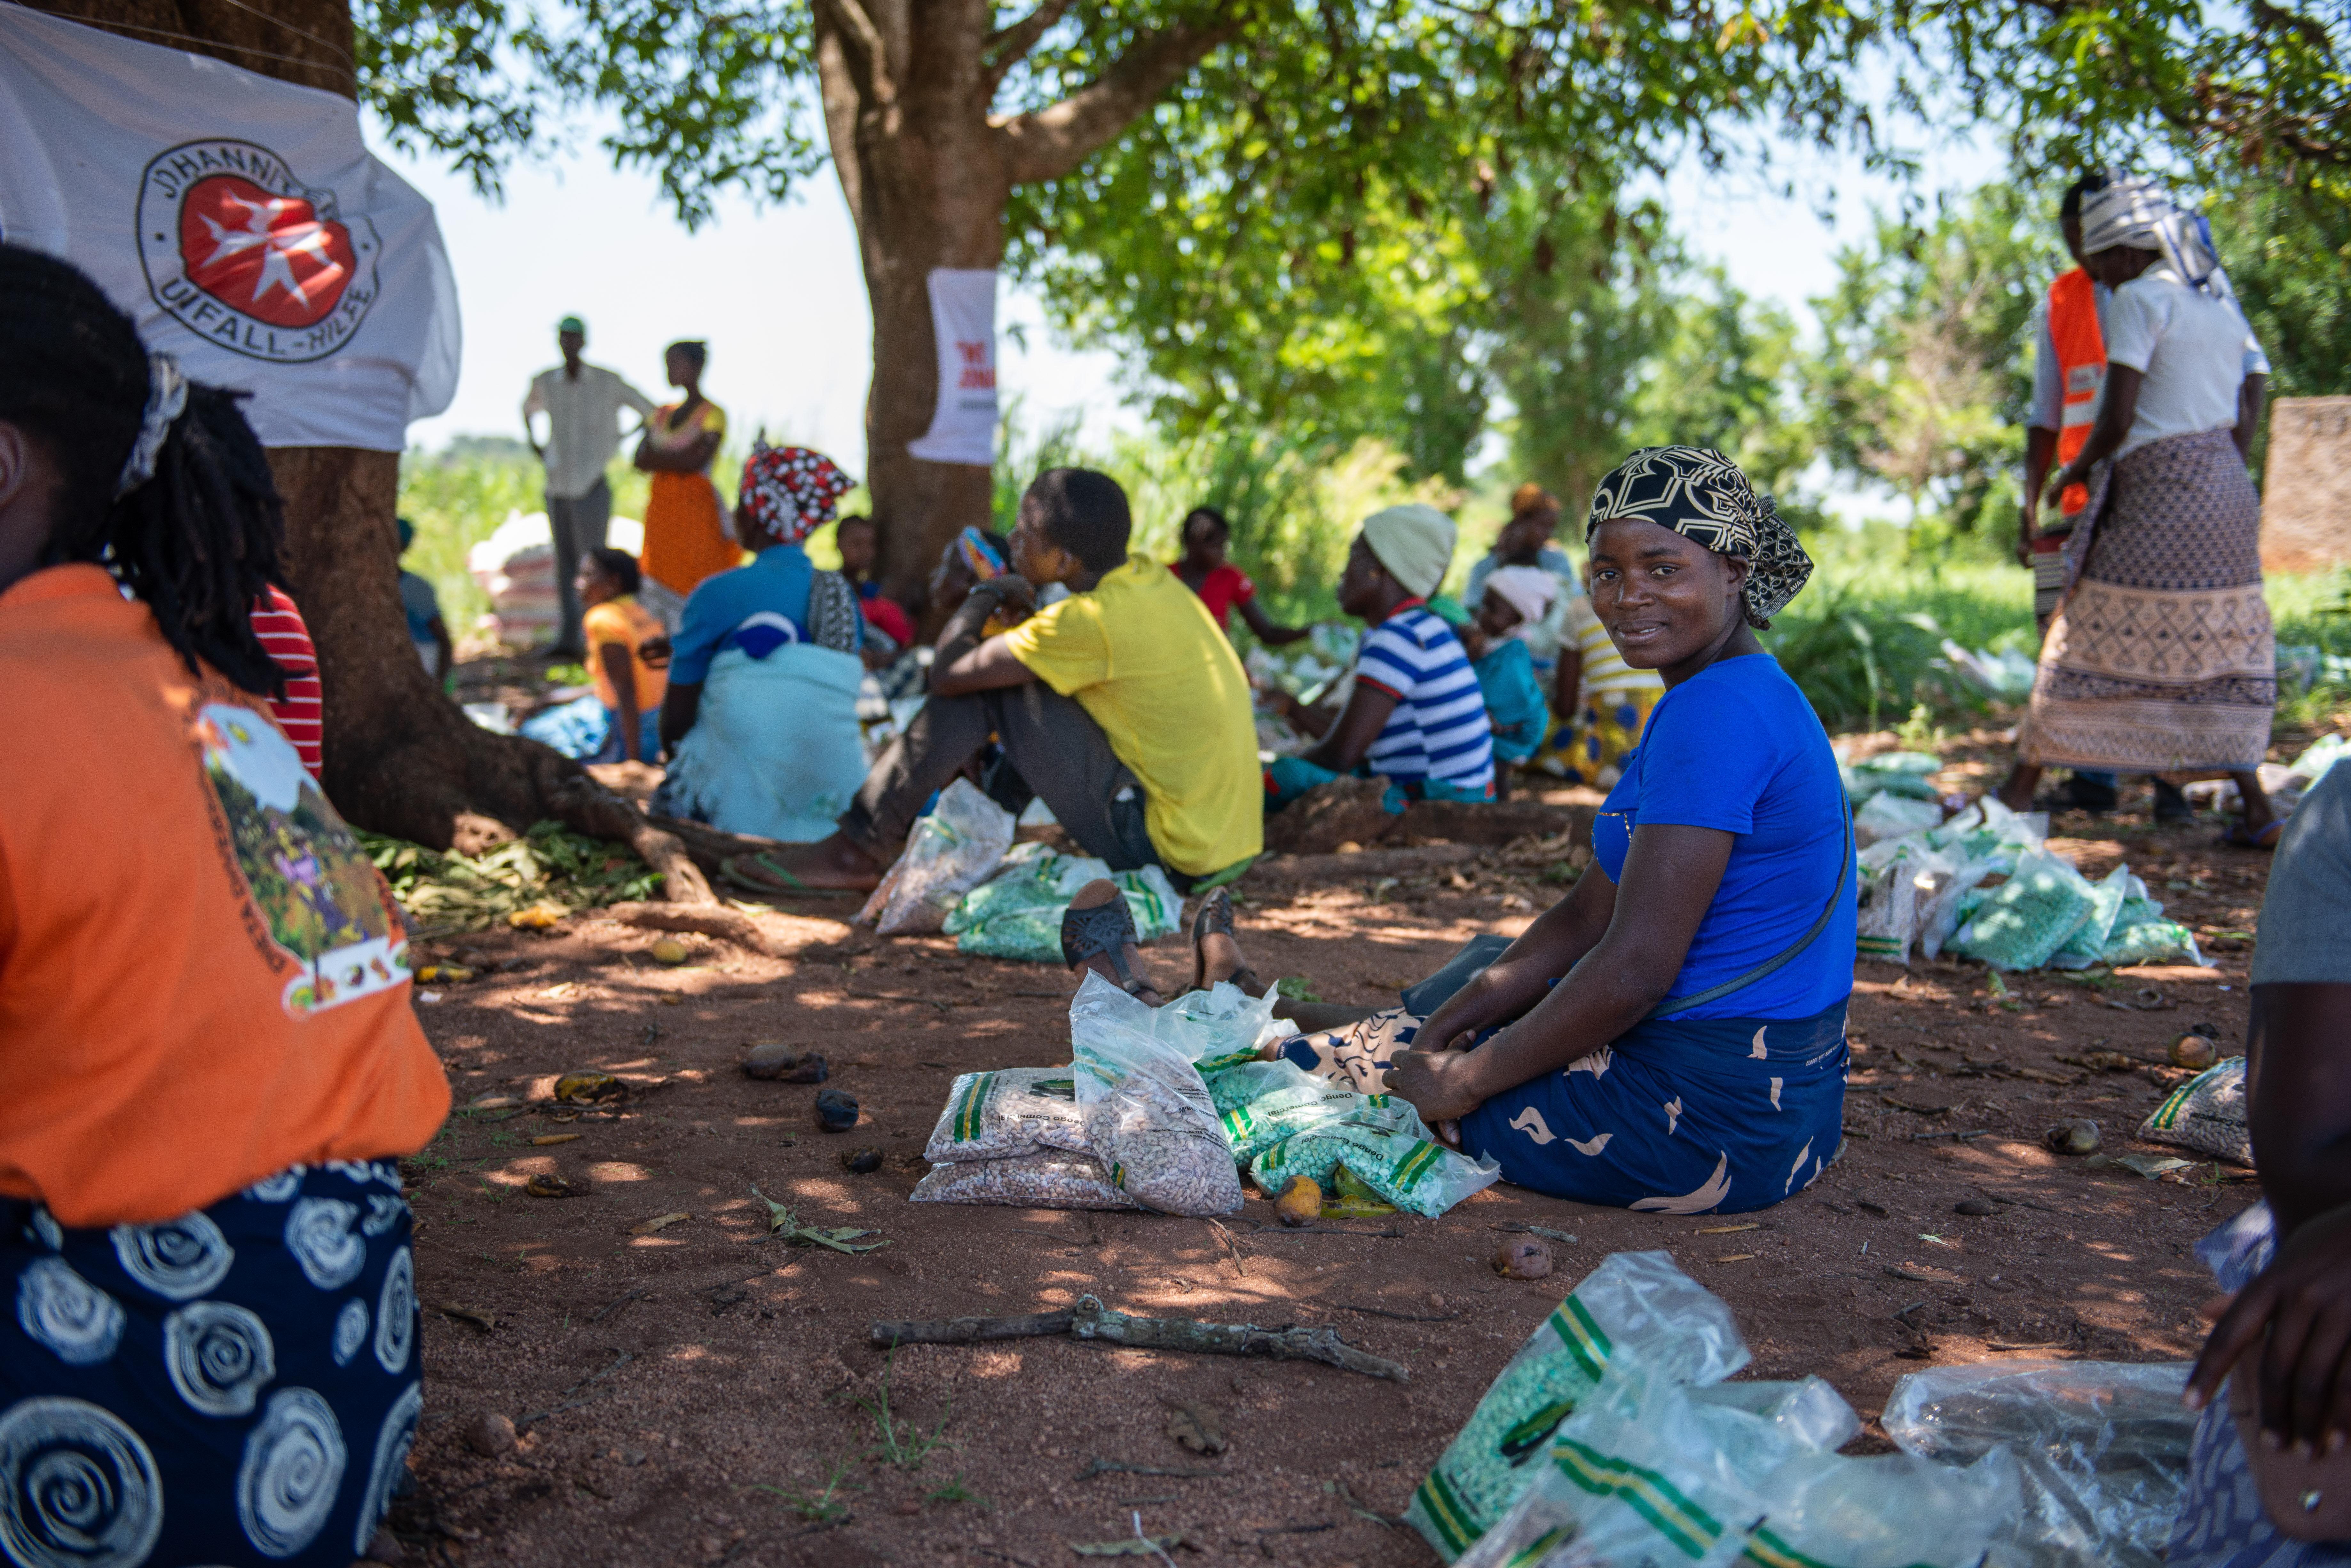 Eine Frau sitzt auf dem Boden, neben ihr liegt das von den Johannitern verteilte Saatgut